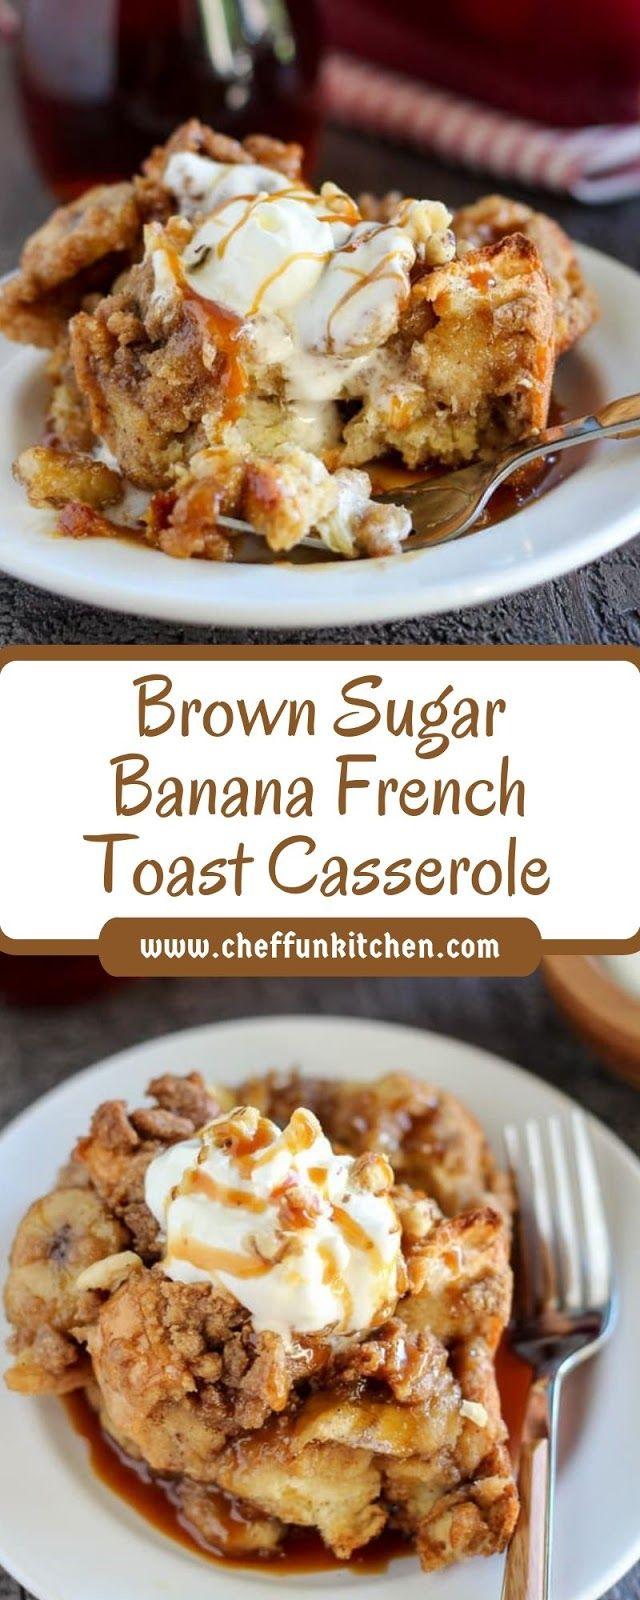 Brown Sugar Banana French Toast Casserole